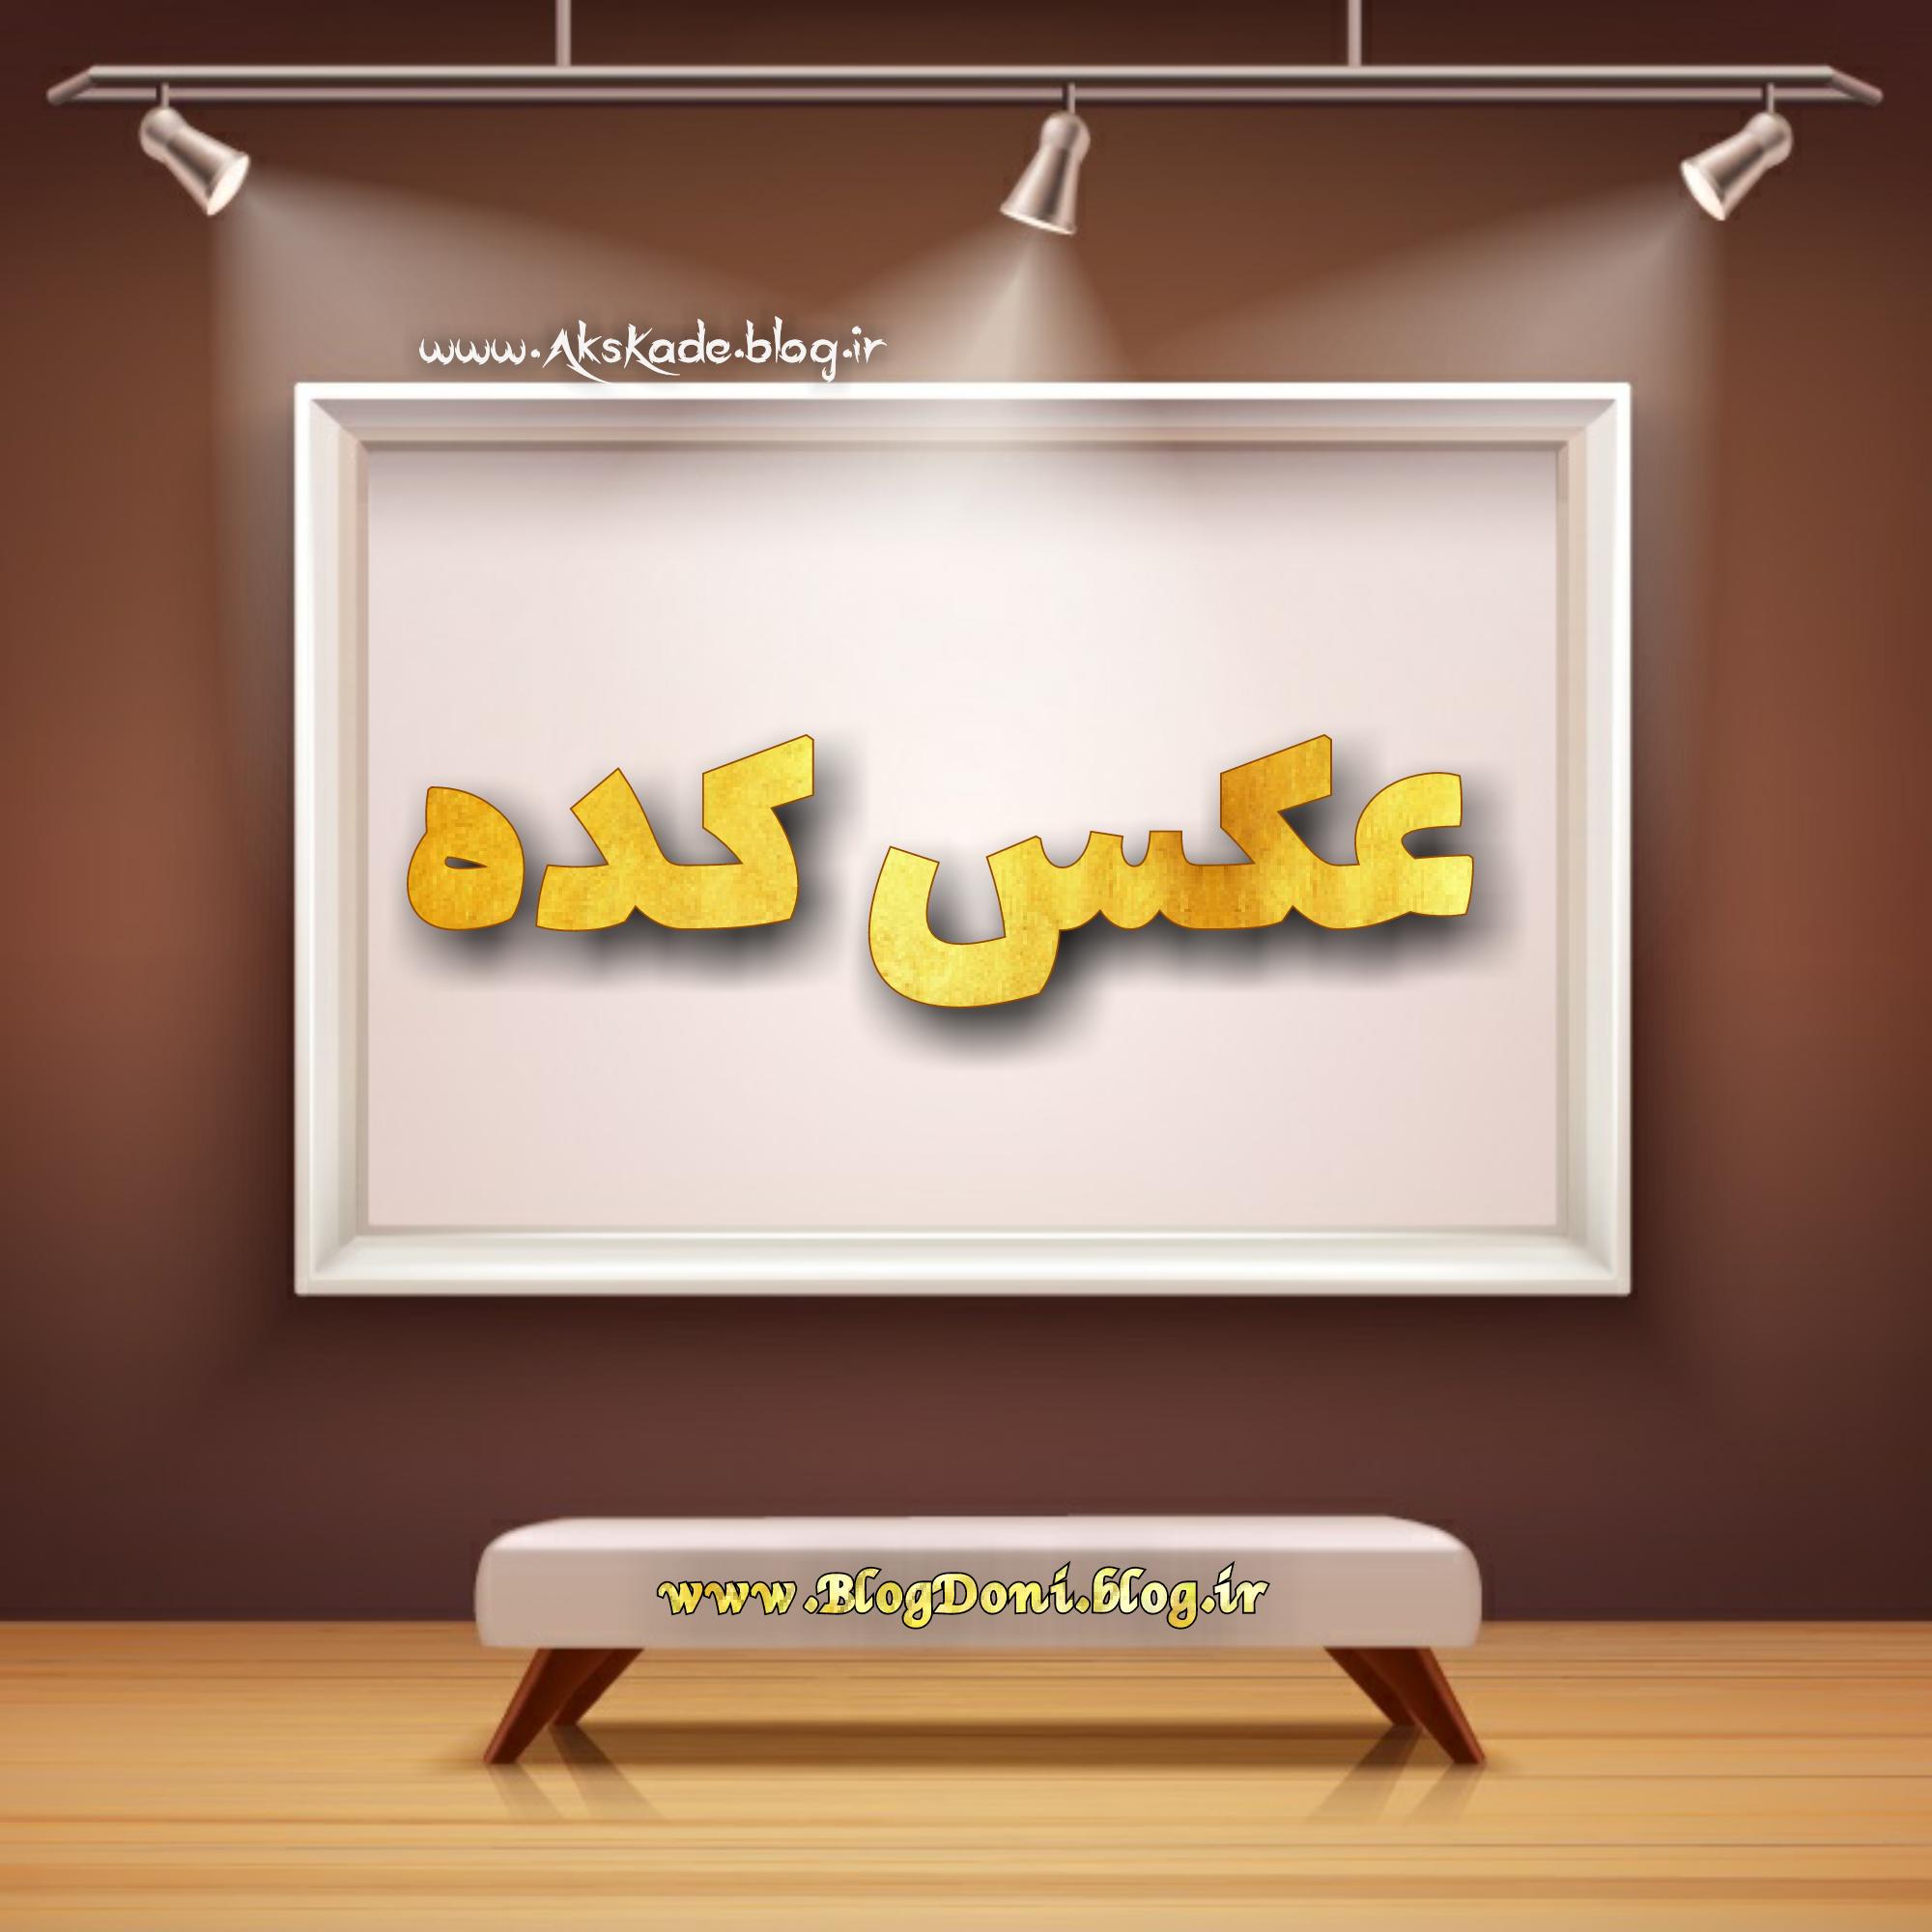 معرفی وبلاگ عکس کده (AksKade.blog.ir)